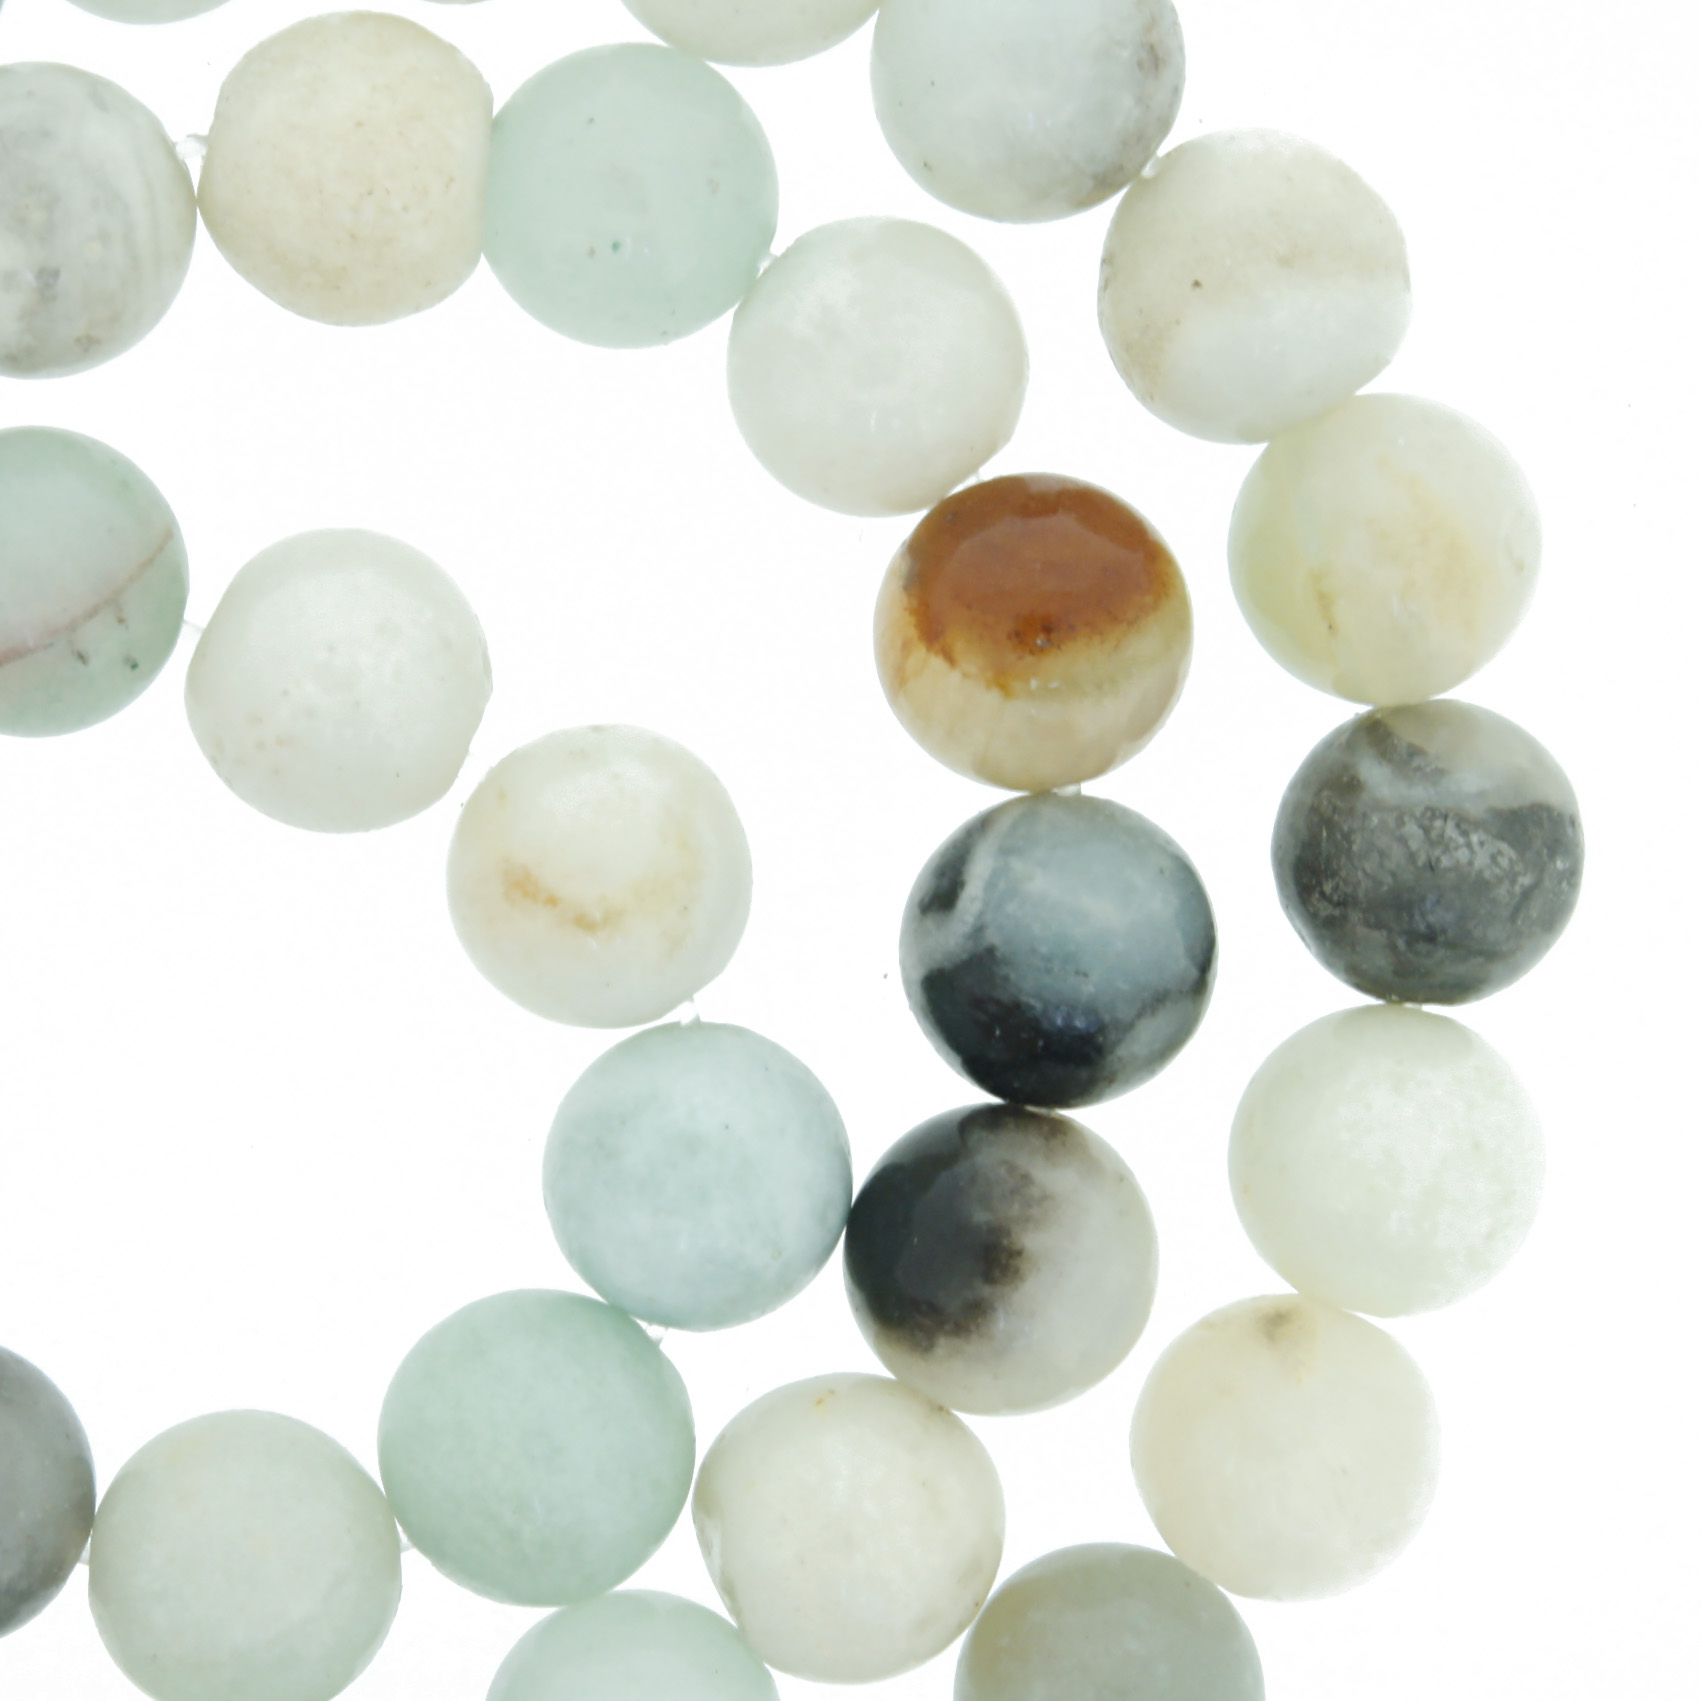 Fio de Pedra - Pietra® - Amazonita - 8mm  - Universo Religioso® - Artigos de Umbanda e Candomblé